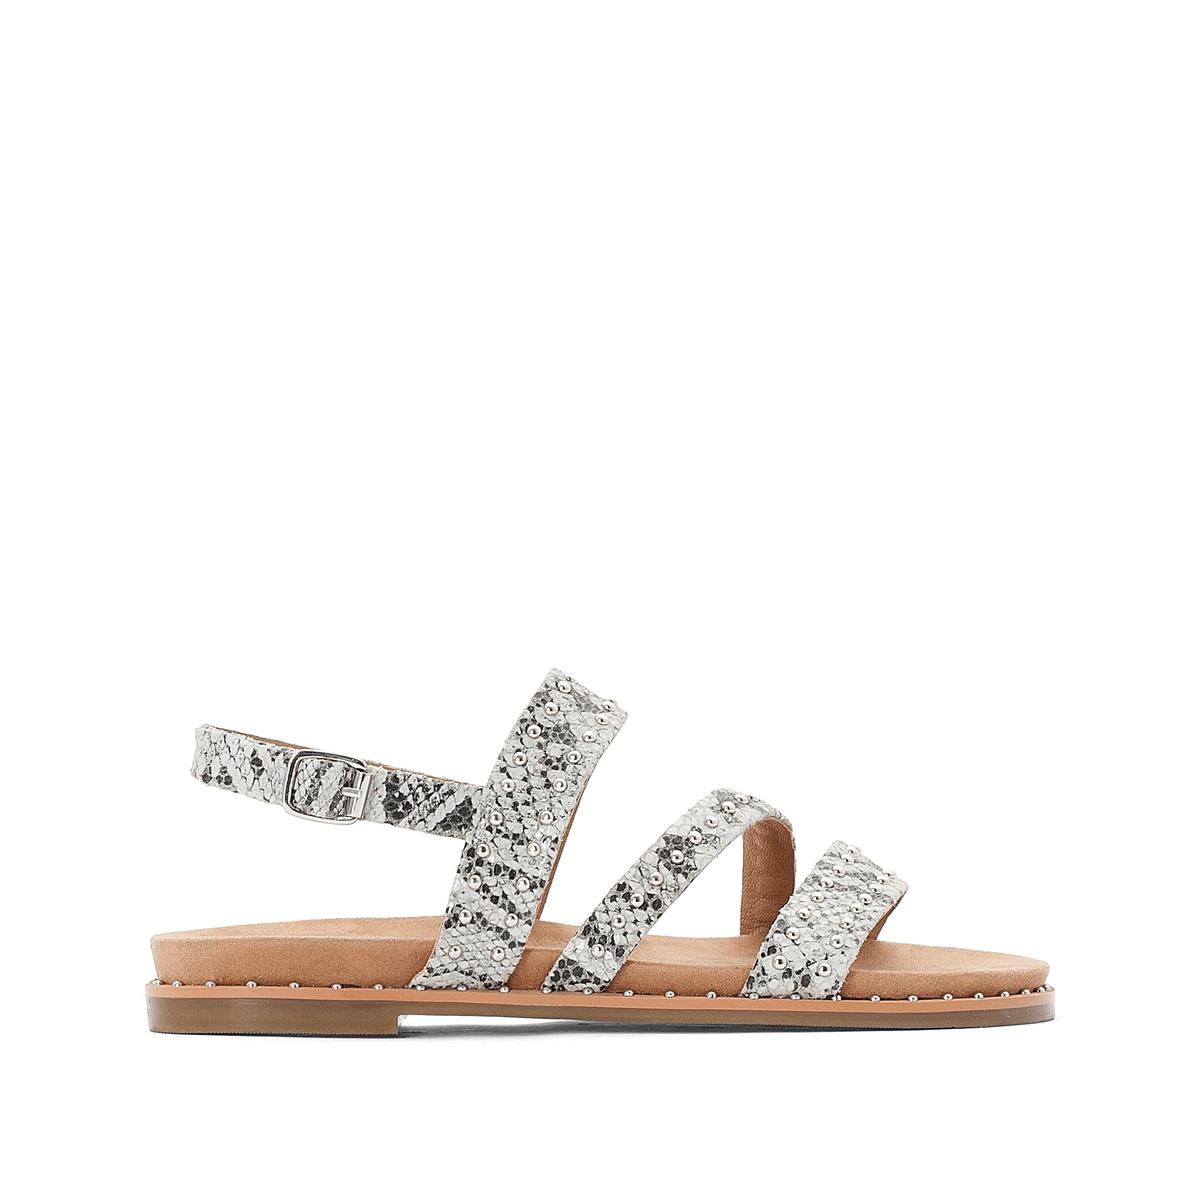 цена Босоножки La Redoute На плоском каблуке 36 каштановый онлайн в 2017 году